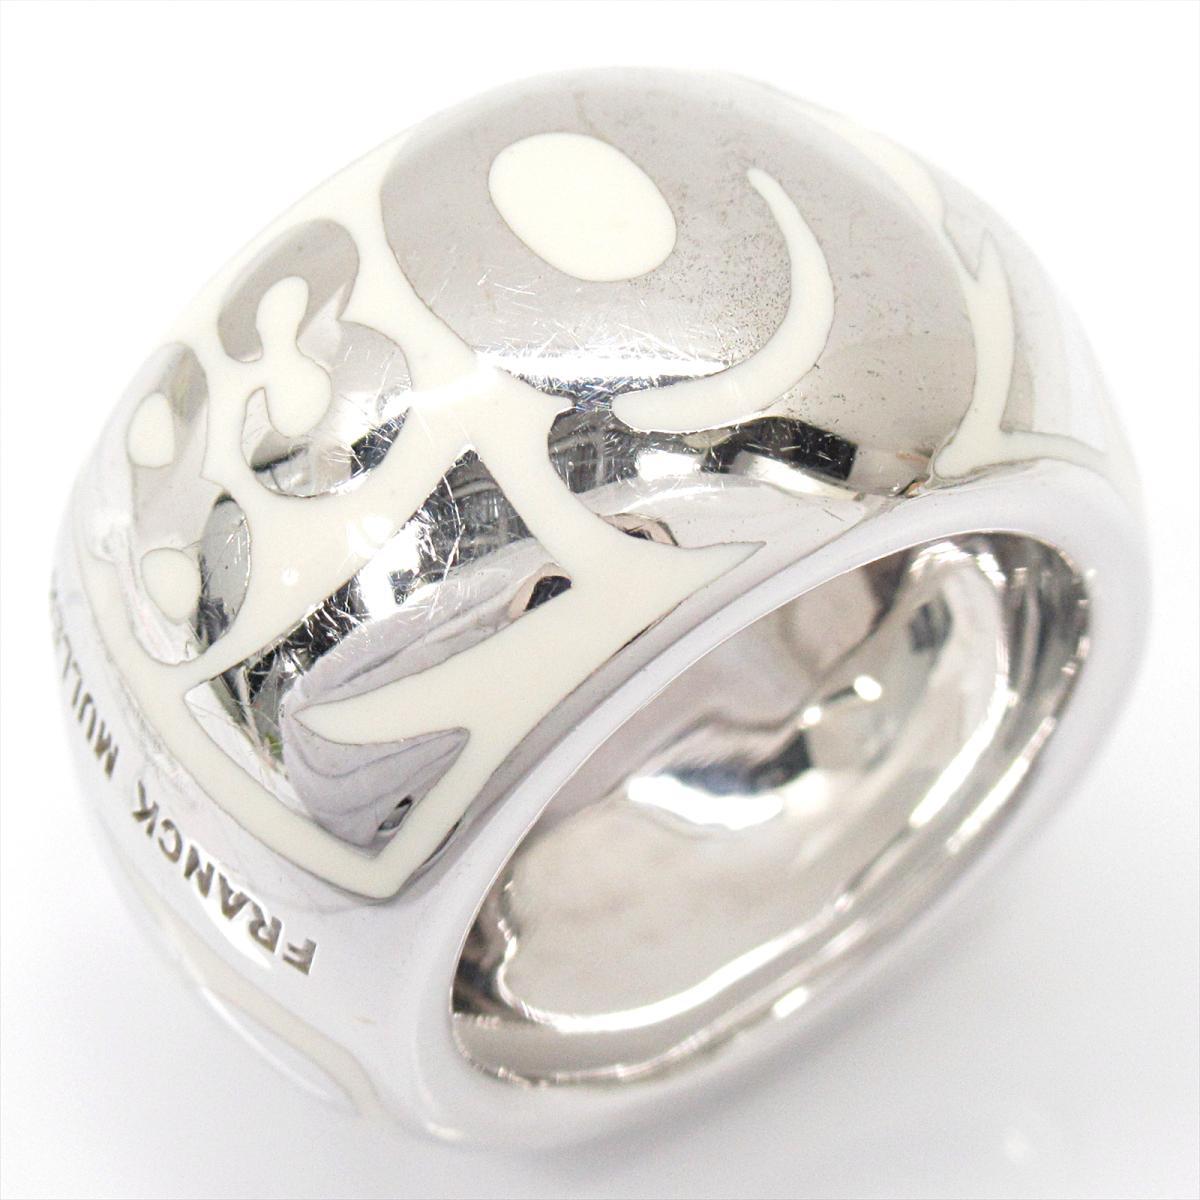 【中古】 フランク・ミュラー タリスマン リング 指輪 メンズ レディース K18WG (750) ホワイトゴールド | FRANCK MULLER BRANDOFF ブランドオフ ジュエリー アクセサリー